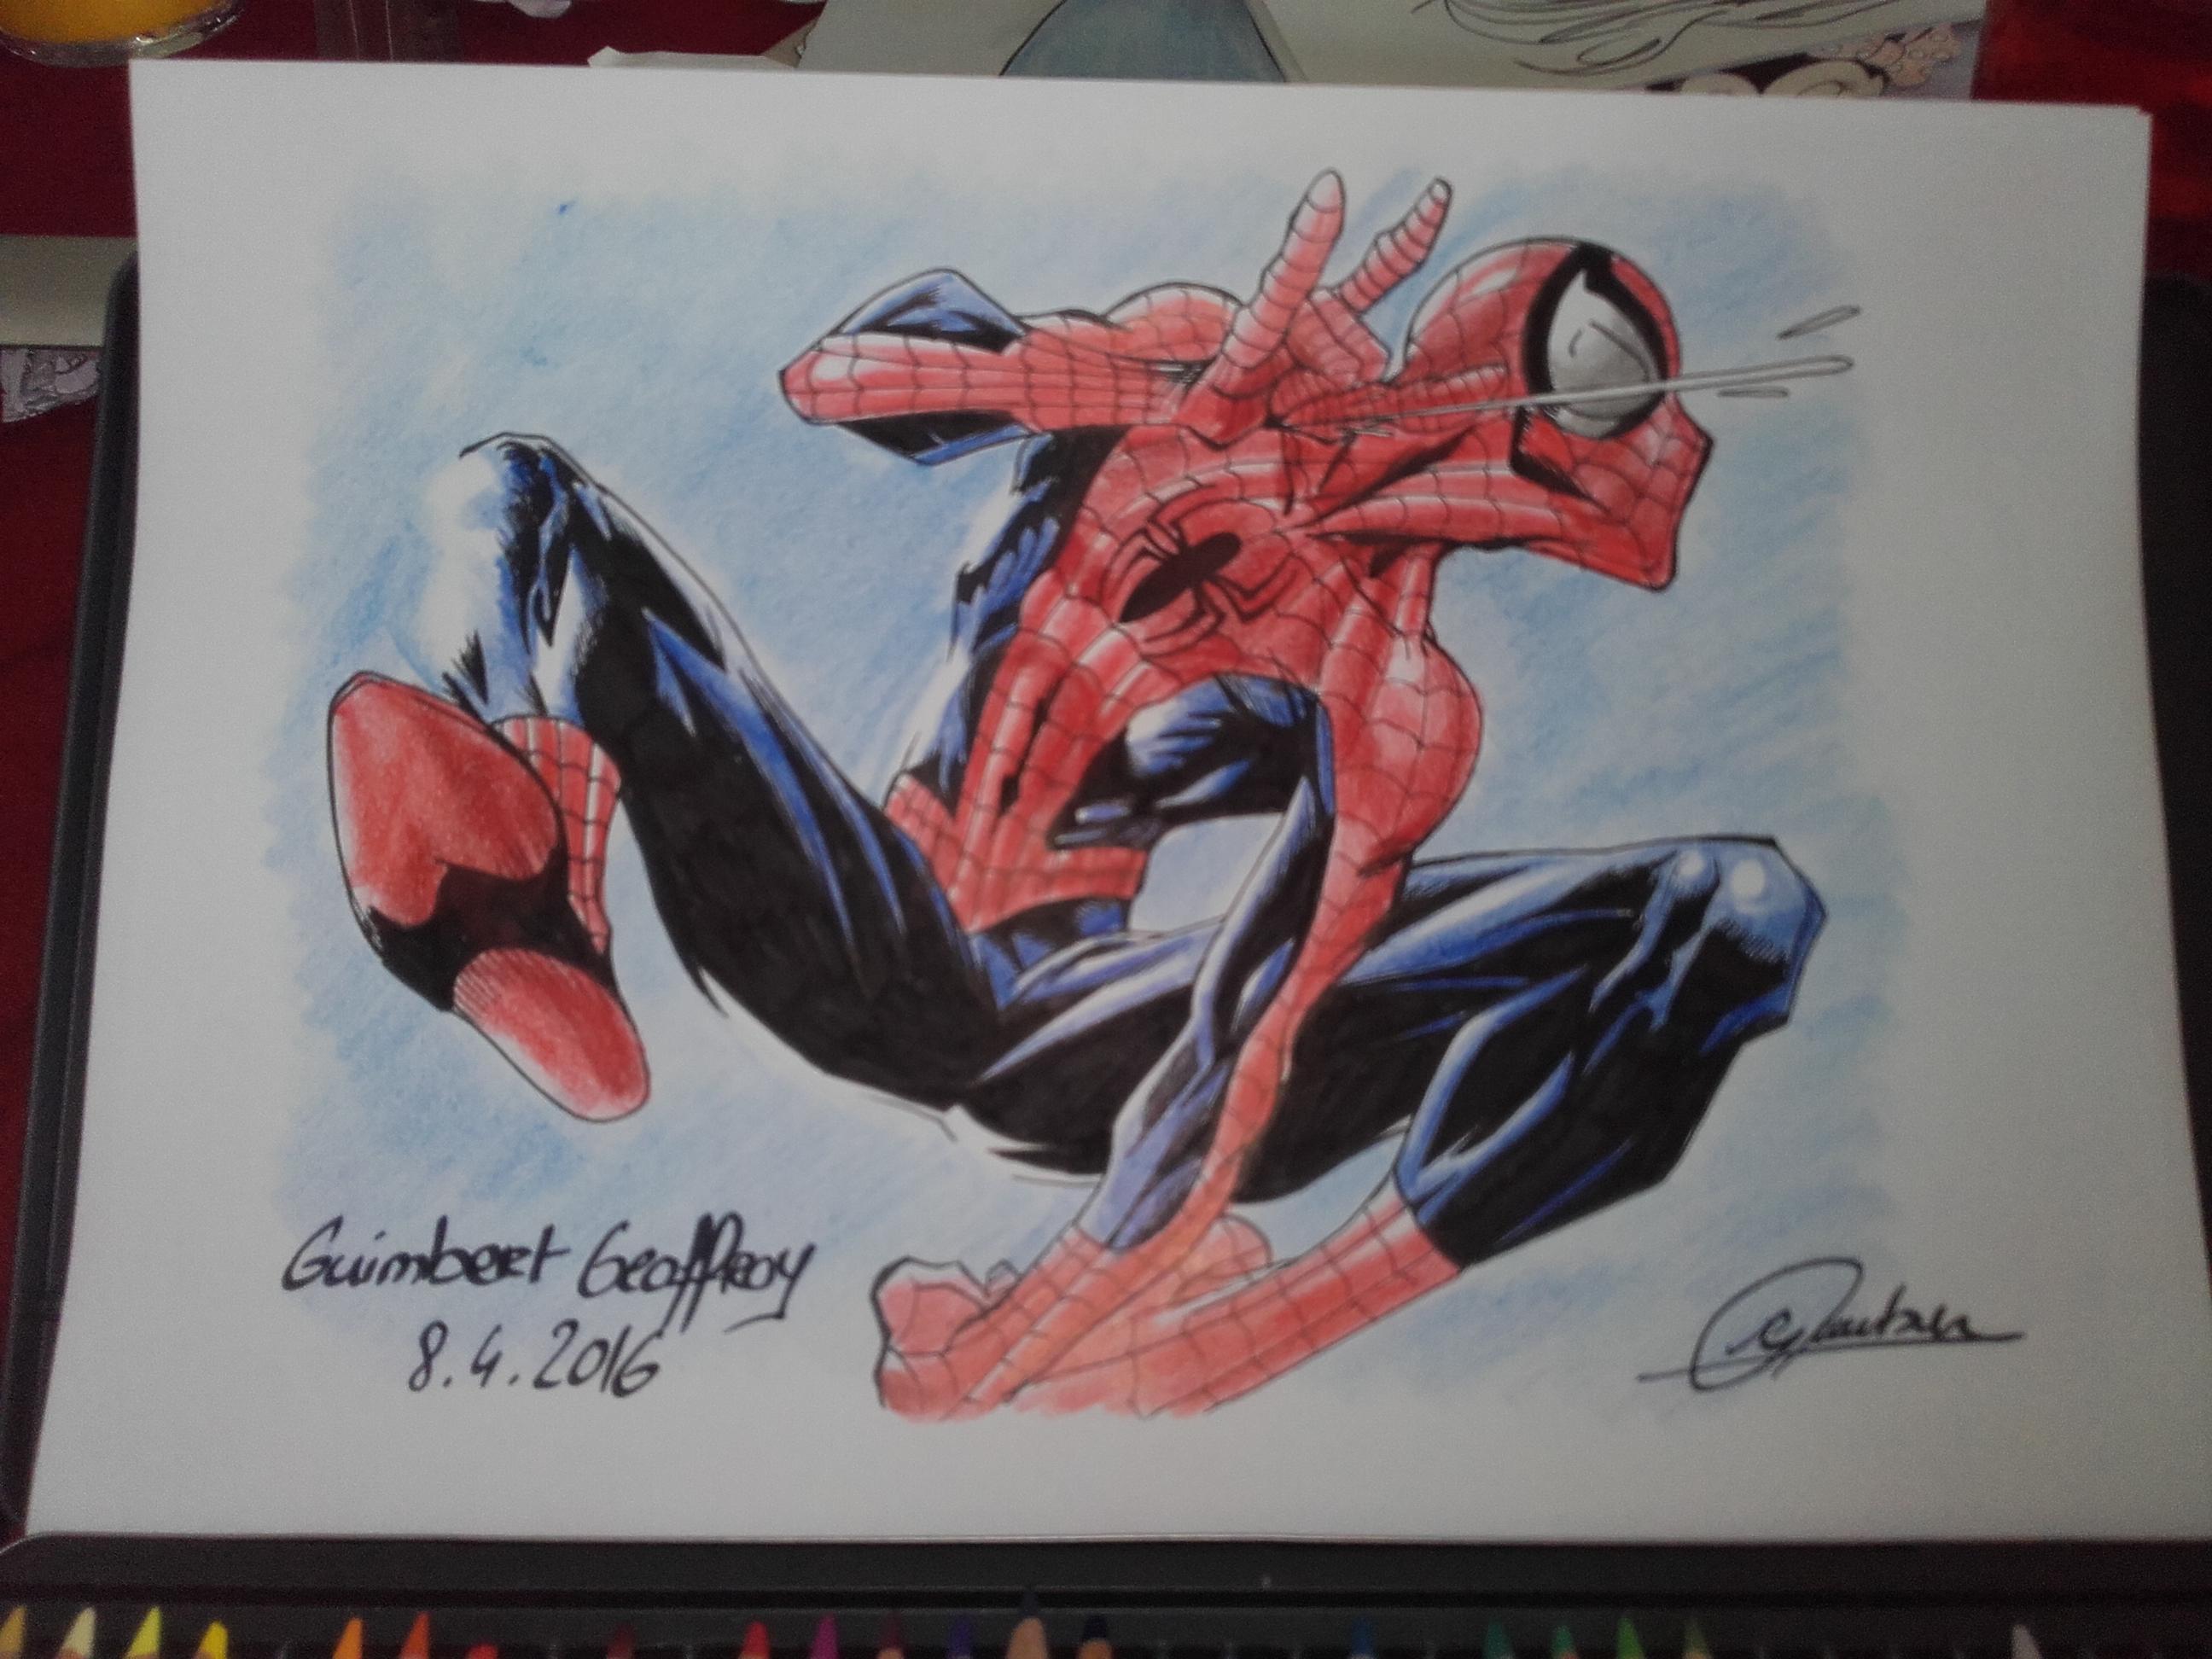 Dessin Un petit spiderman! Quand pensez vous? de Guimbertarts